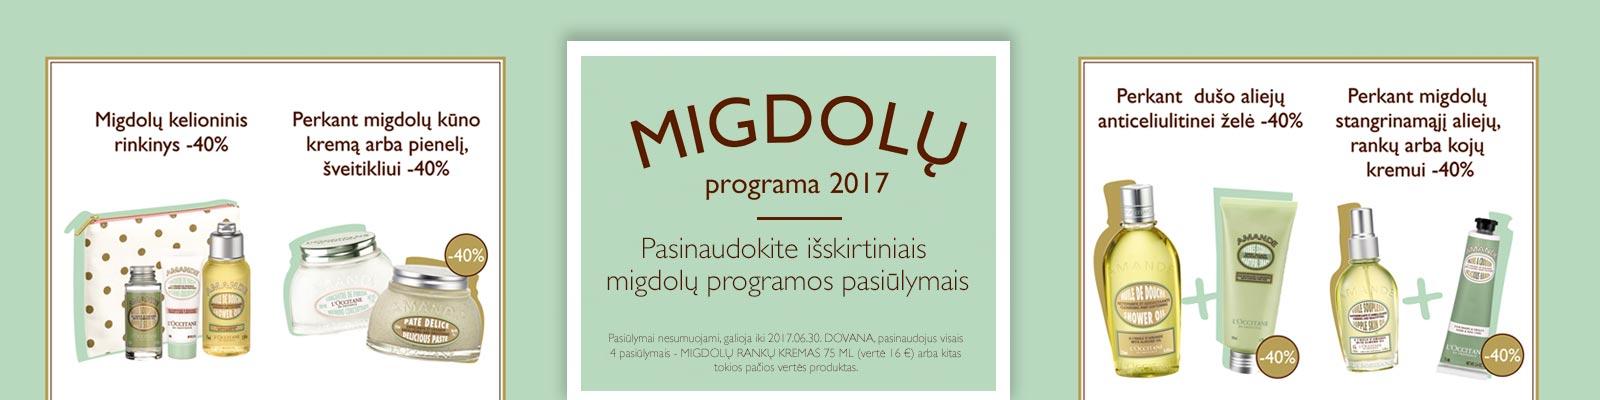 Almond Programme 2017